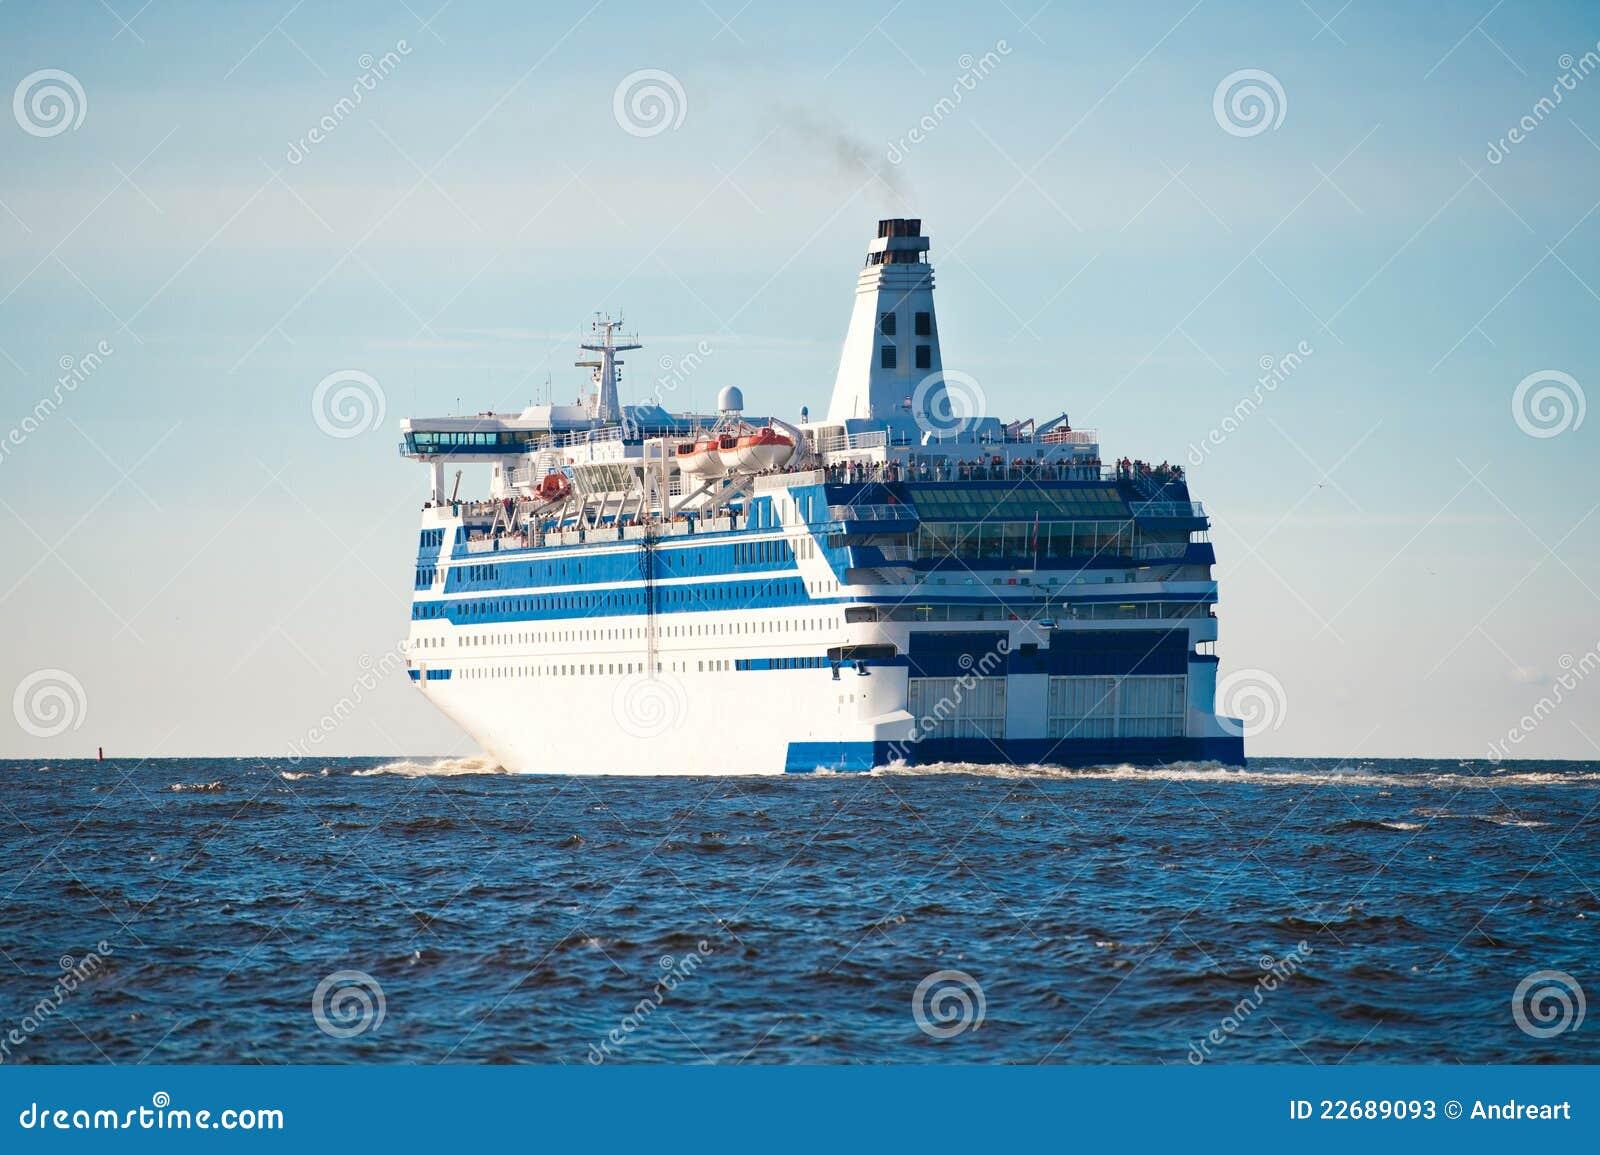 Cruise Ship At Sea Stock Photos  Image 22689093